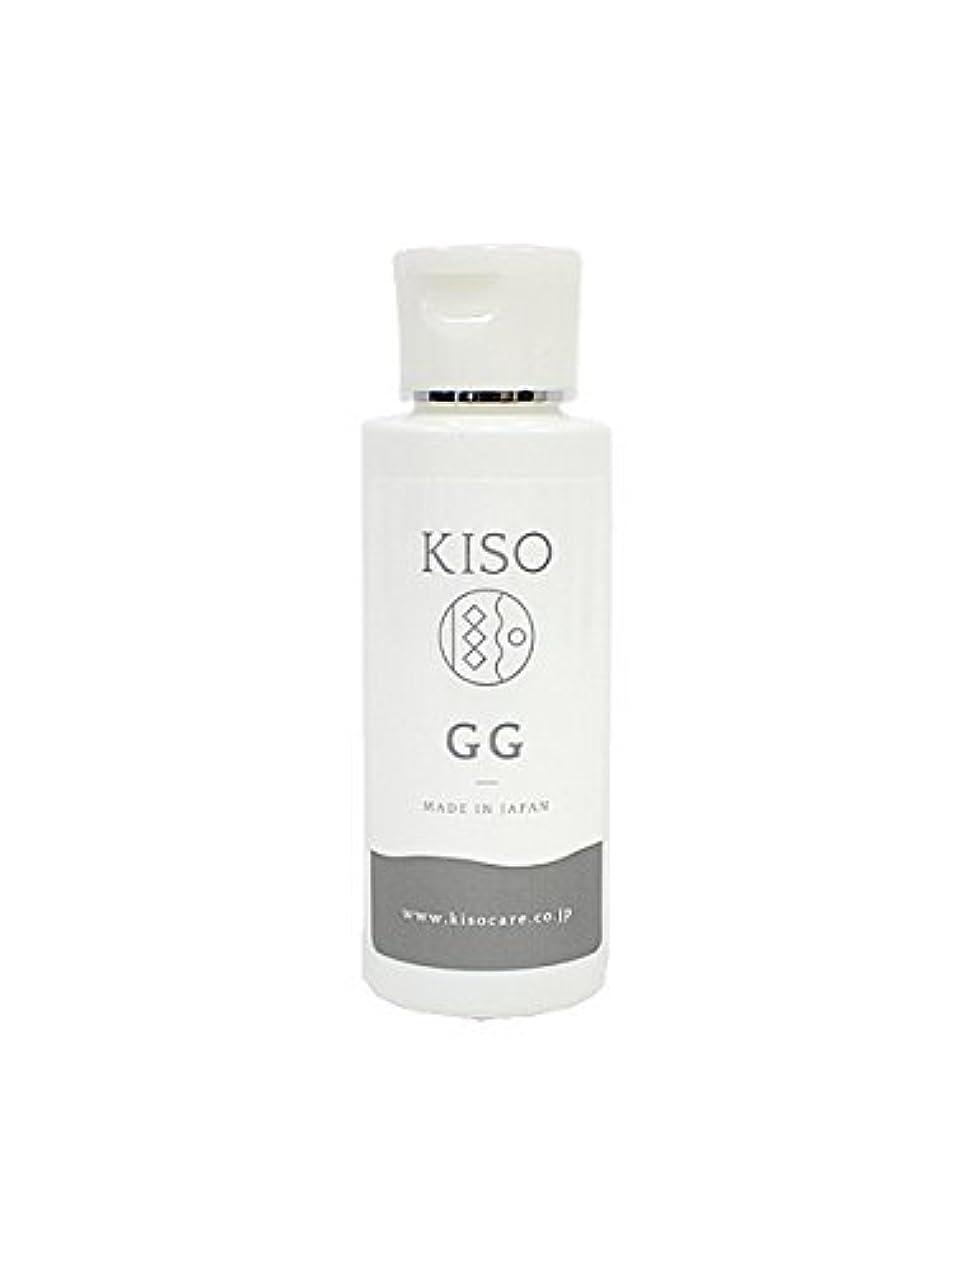 振り向く巻き戻す役立つKISO グリシルグリシン5% 高配合美容水 【GGエッセンス 50mL】 肌のキメを整える?肌をひきしめる